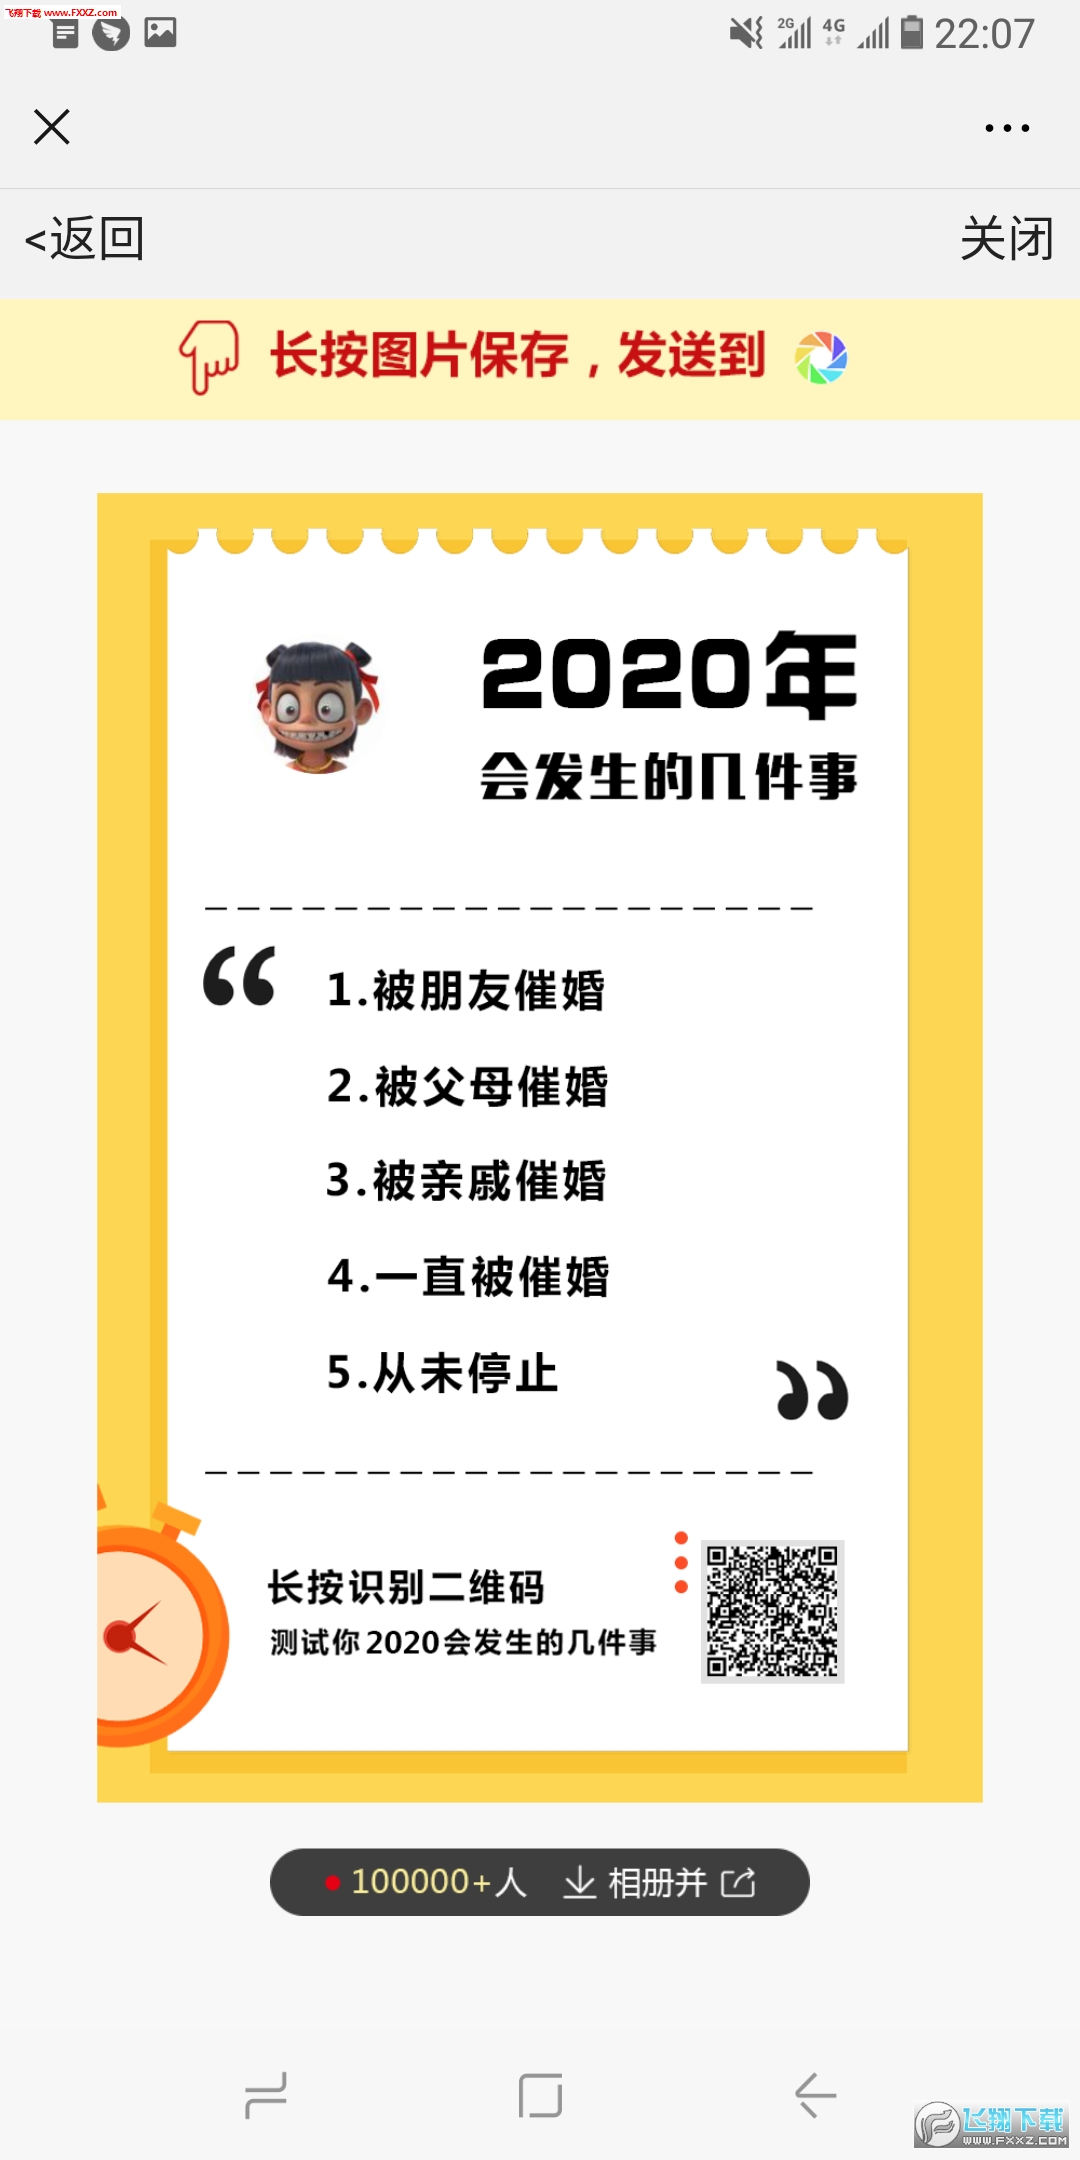 2020年会发生的几件事二维码v1.0截图2